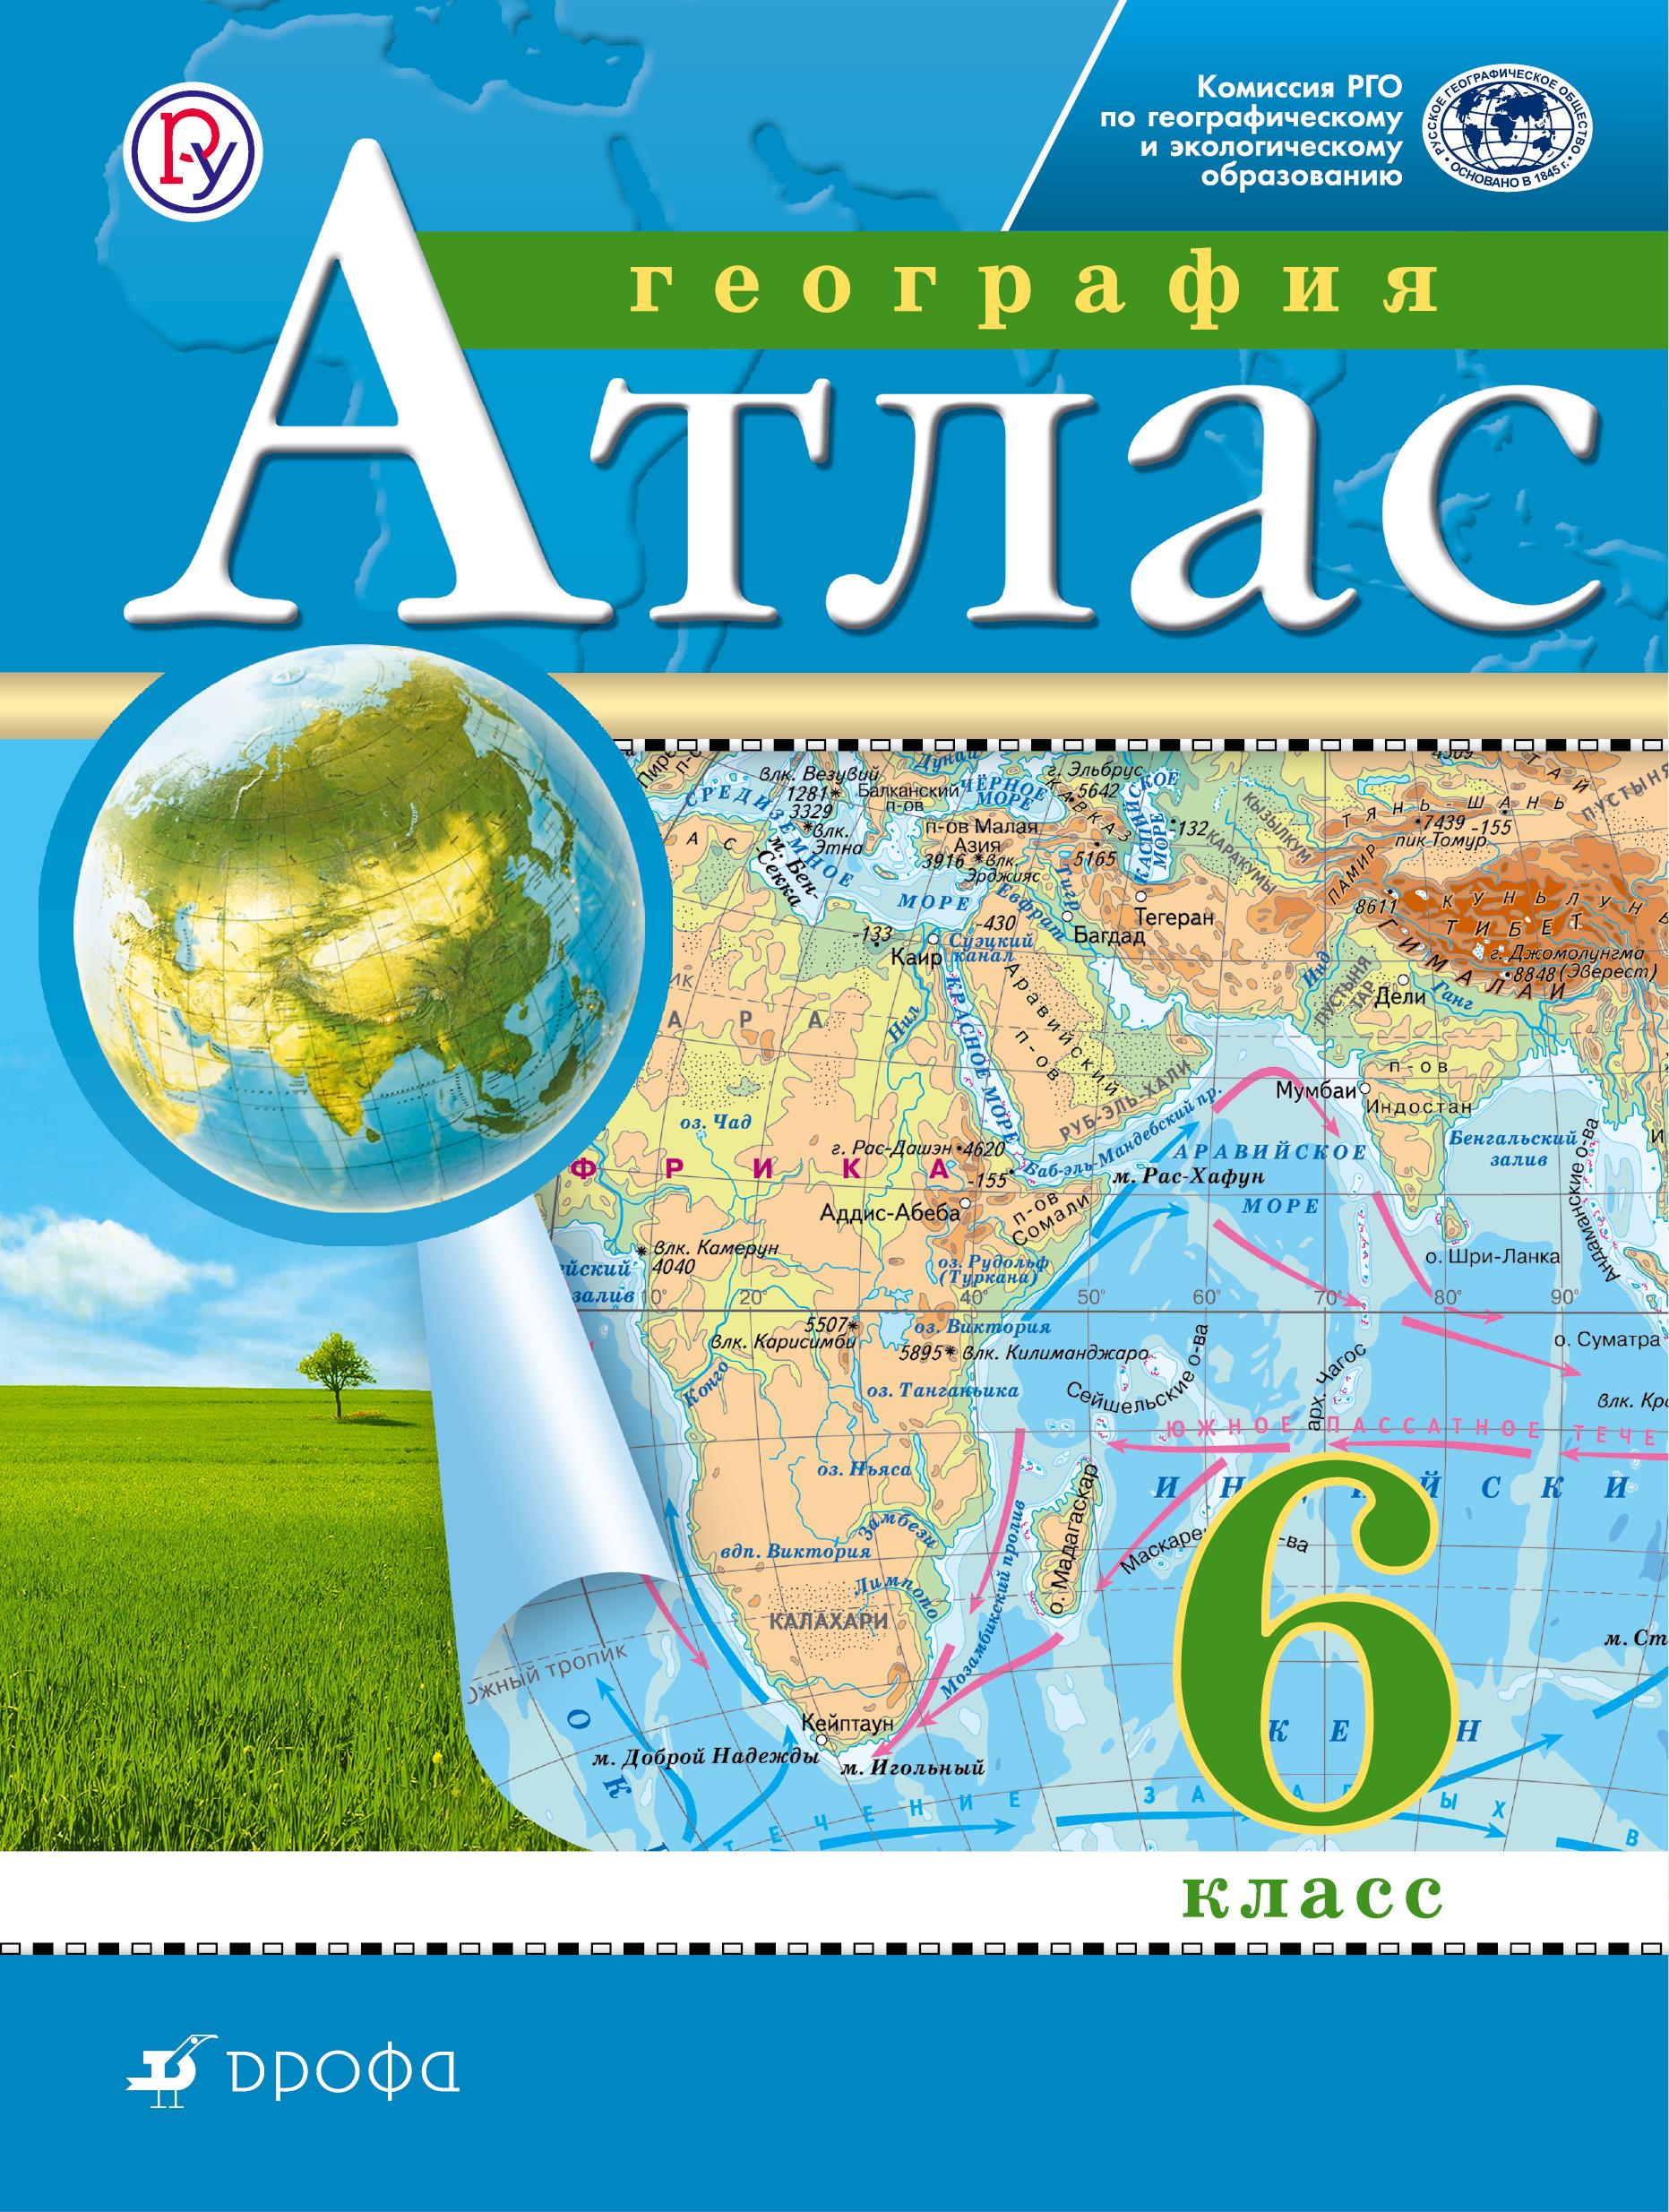 Фото - География. 6 класс. Атлас. (Традиционный комплект)(РГО) география 10 11 классы атлас традиционный комплект рго